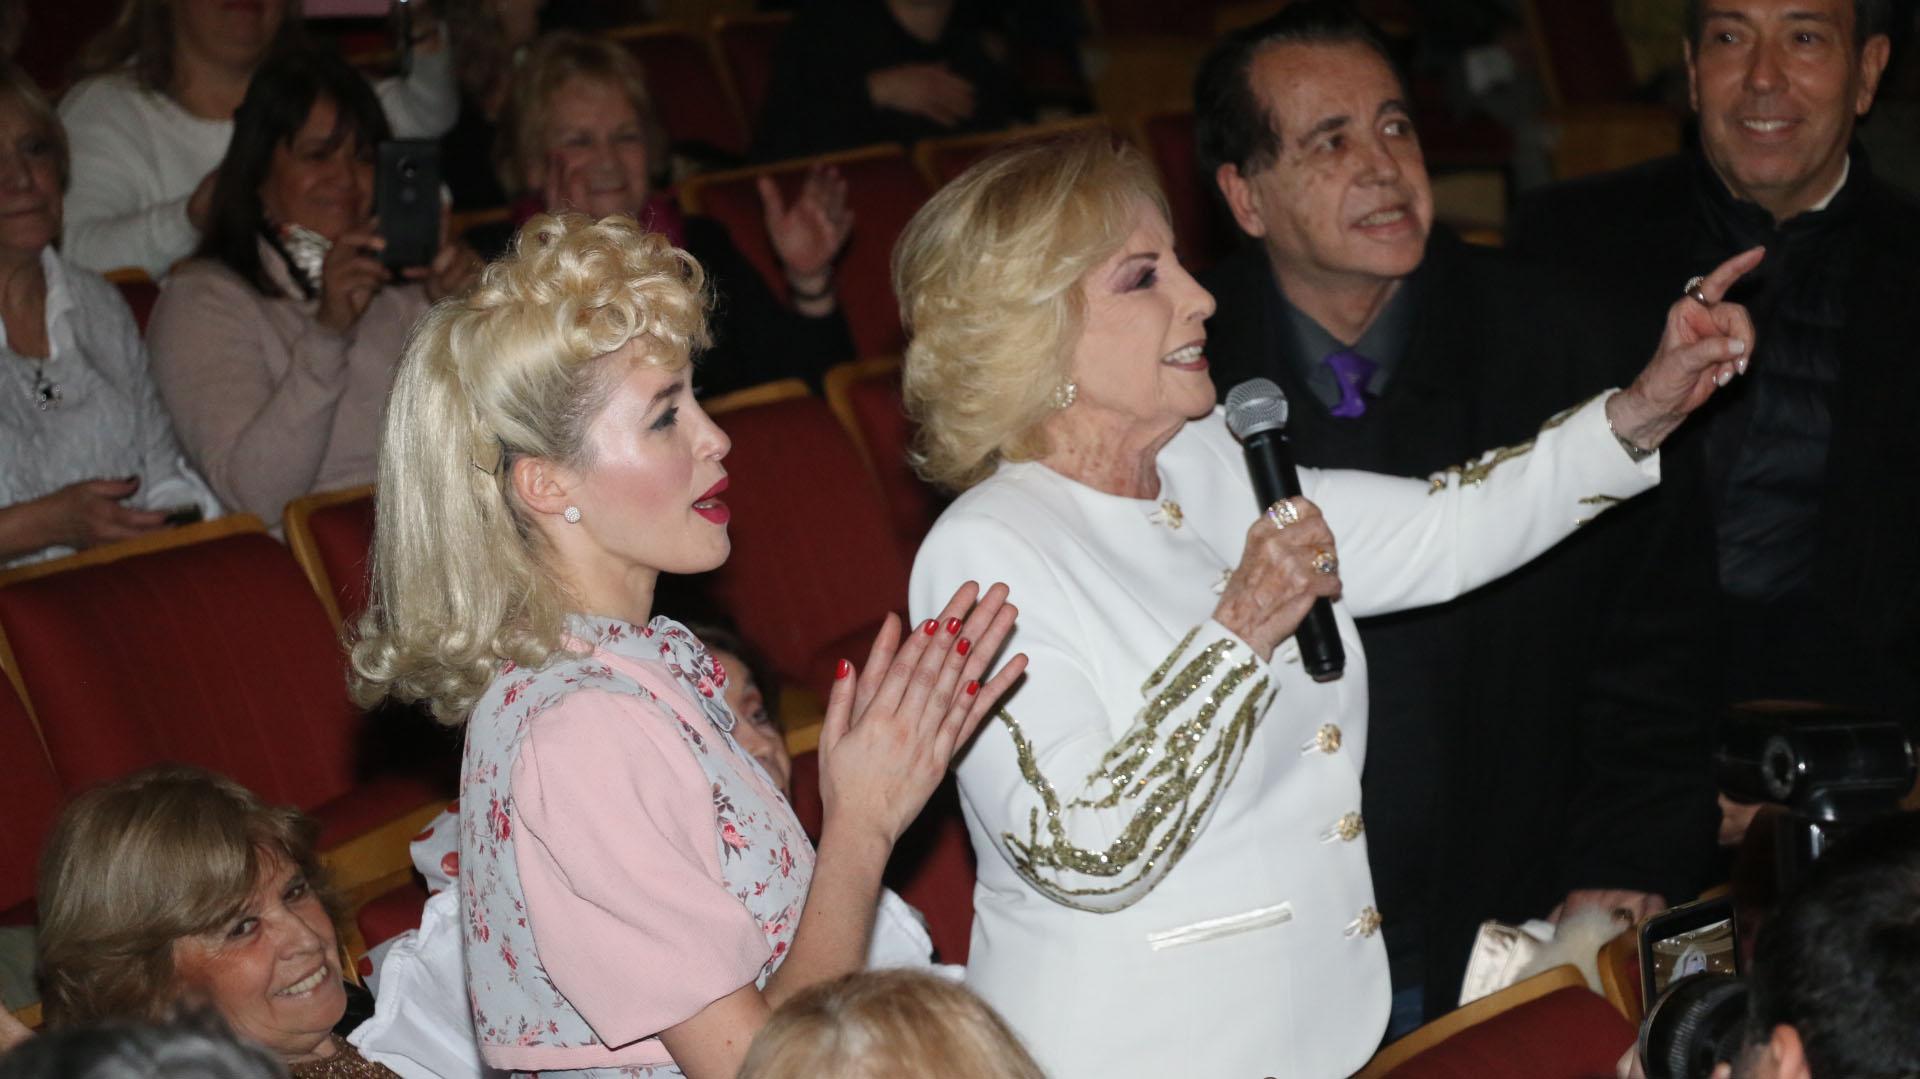 Cande Vetrano bajó del escenario para saludar a Chiquita, quien tomó el micrófono para destacar la obra, y a sus protagonistas